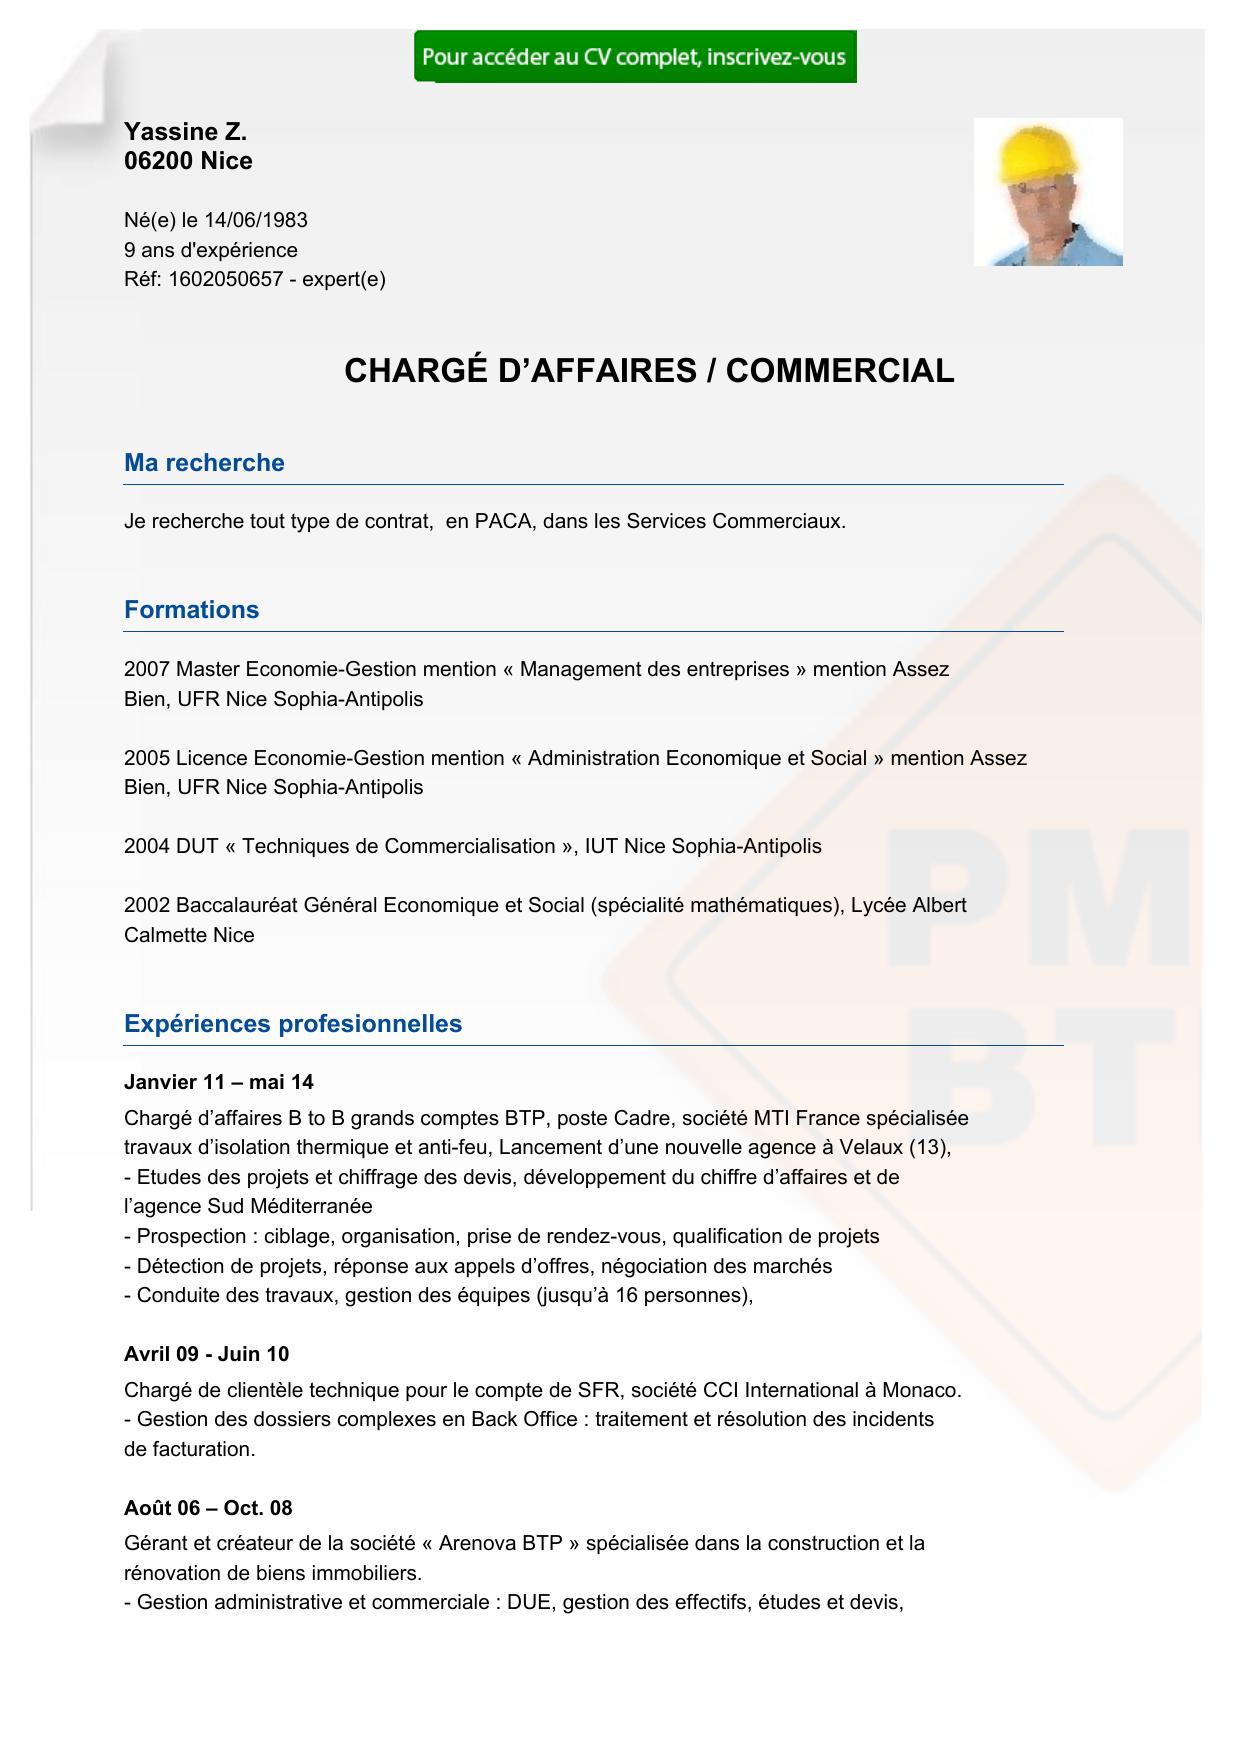 recrutement cv charg u00c9 d u2122affaires    commercial